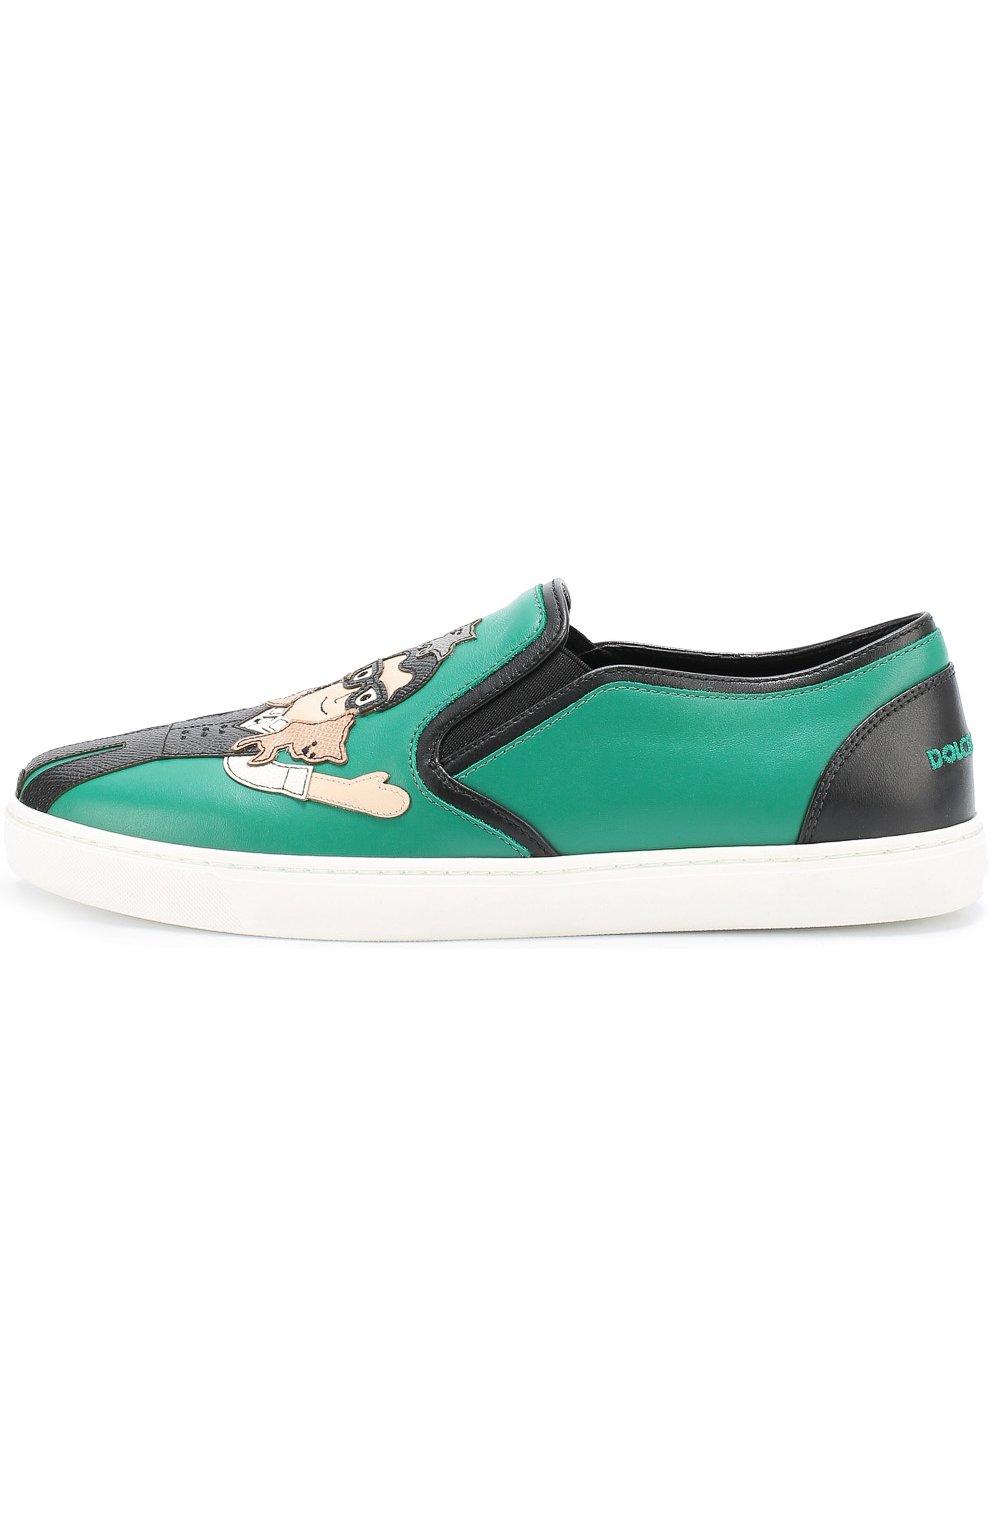 Кожаные слипоны London с аппликациями Dolce & Gabbana зеленые   Фото №2